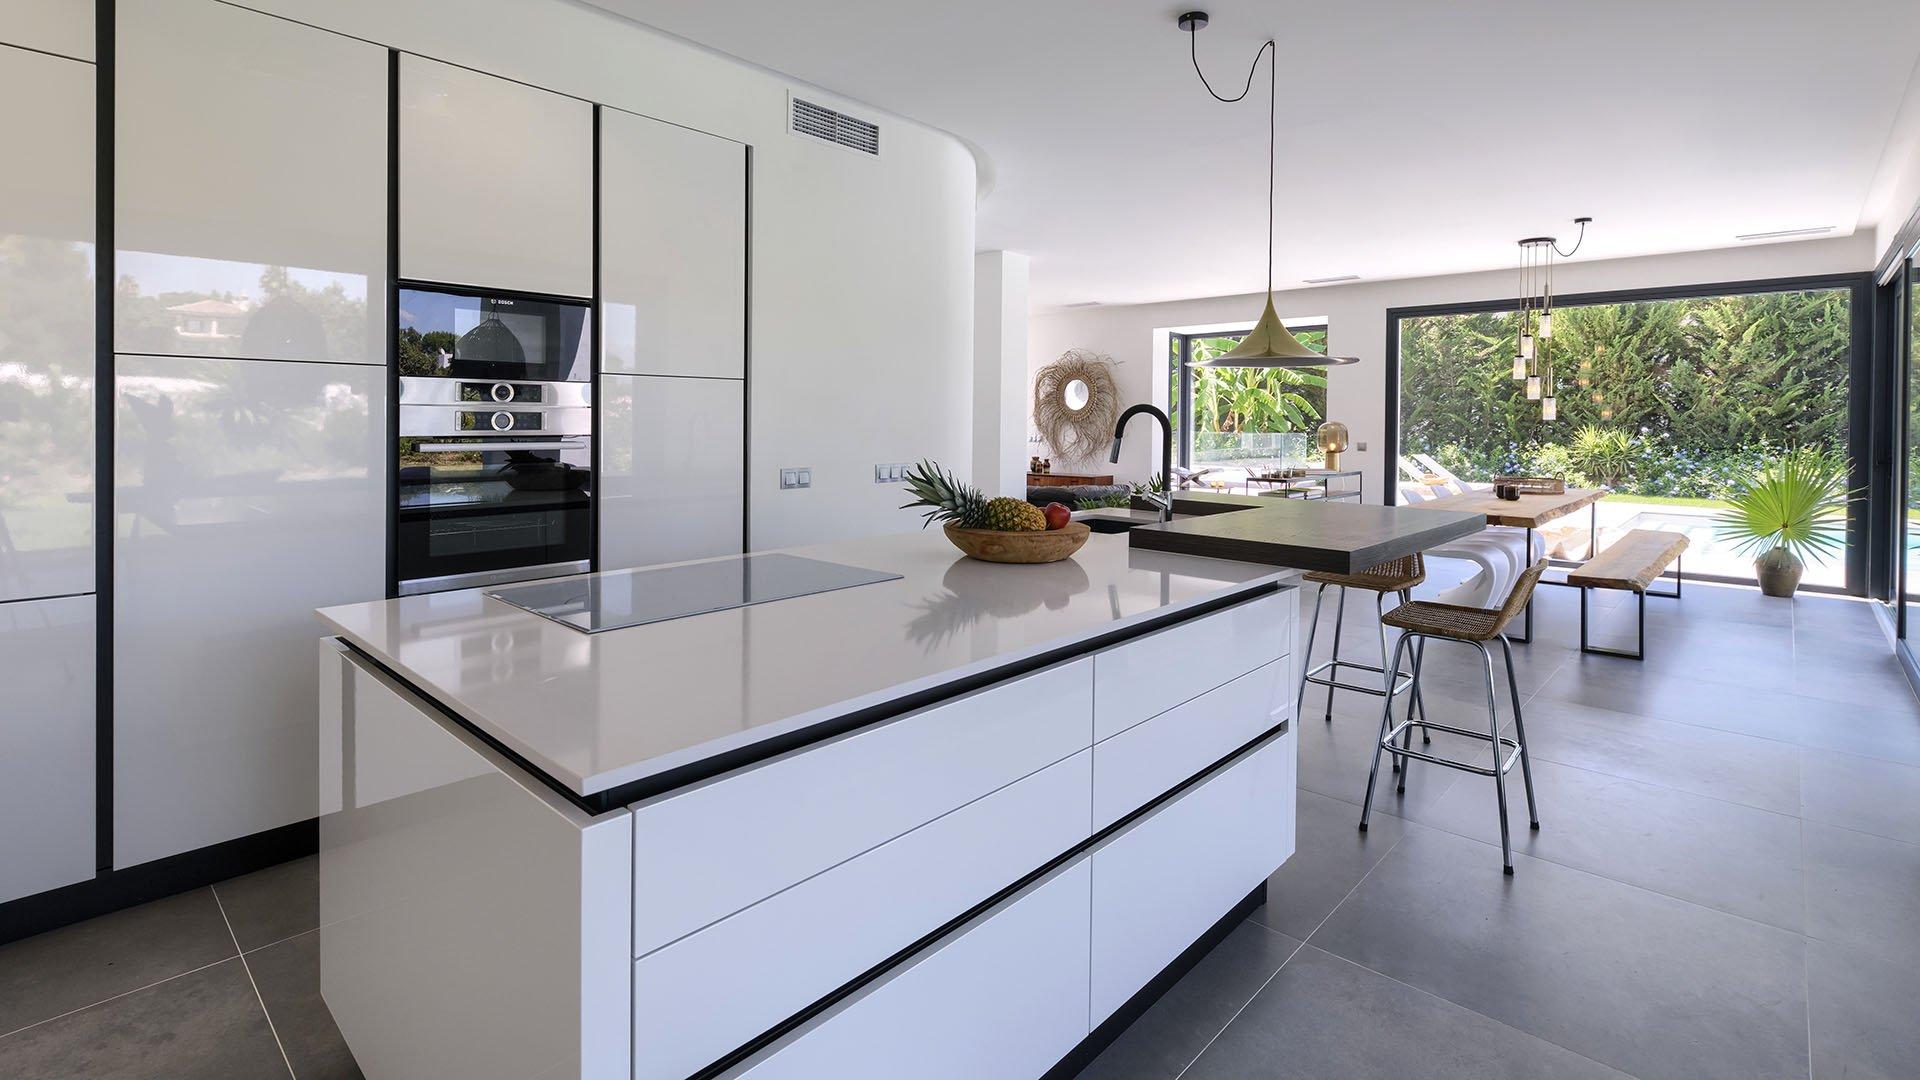 Villa Zensea: Contemporary luxury villa east of Marbella